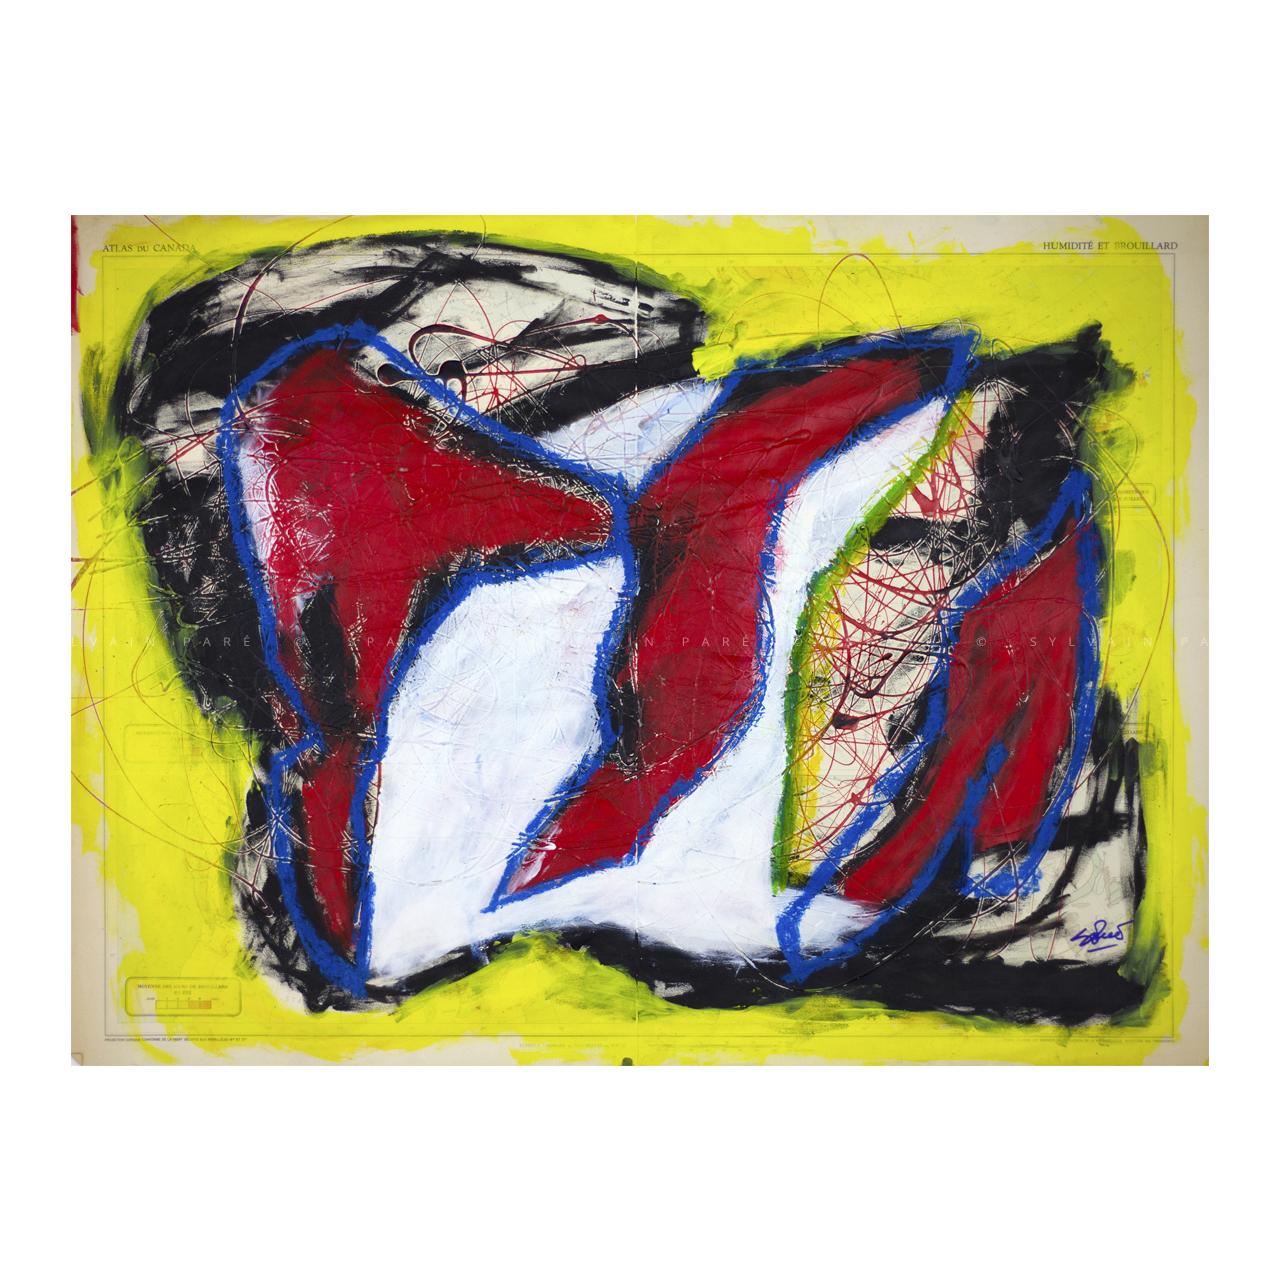 sylvain-pare-spare-artwork-1280x1280_IMG_0151.jpg